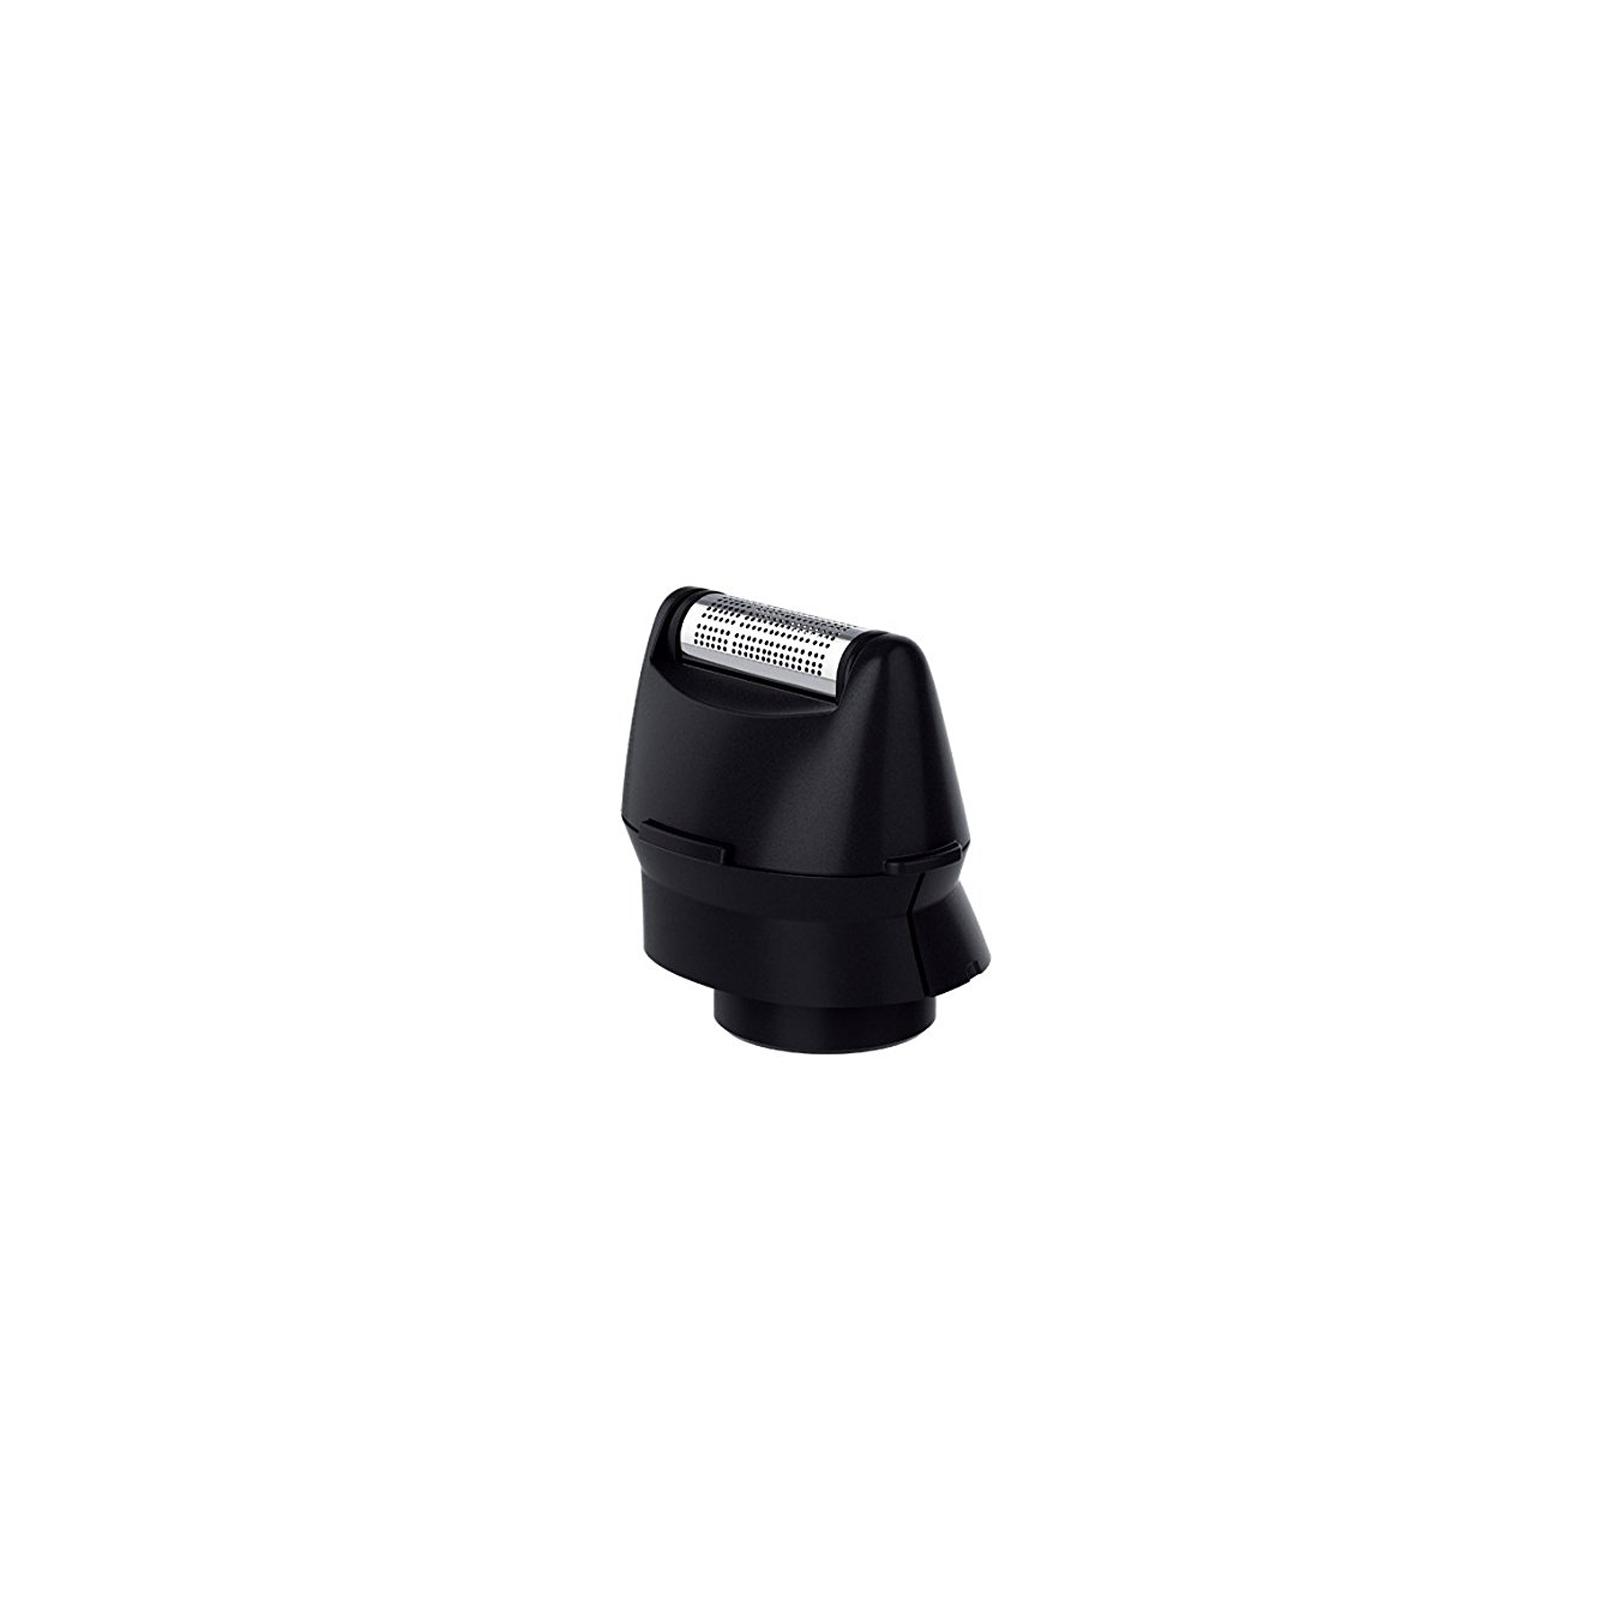 Машинка для стрижки Remington PG6160 изображение 3